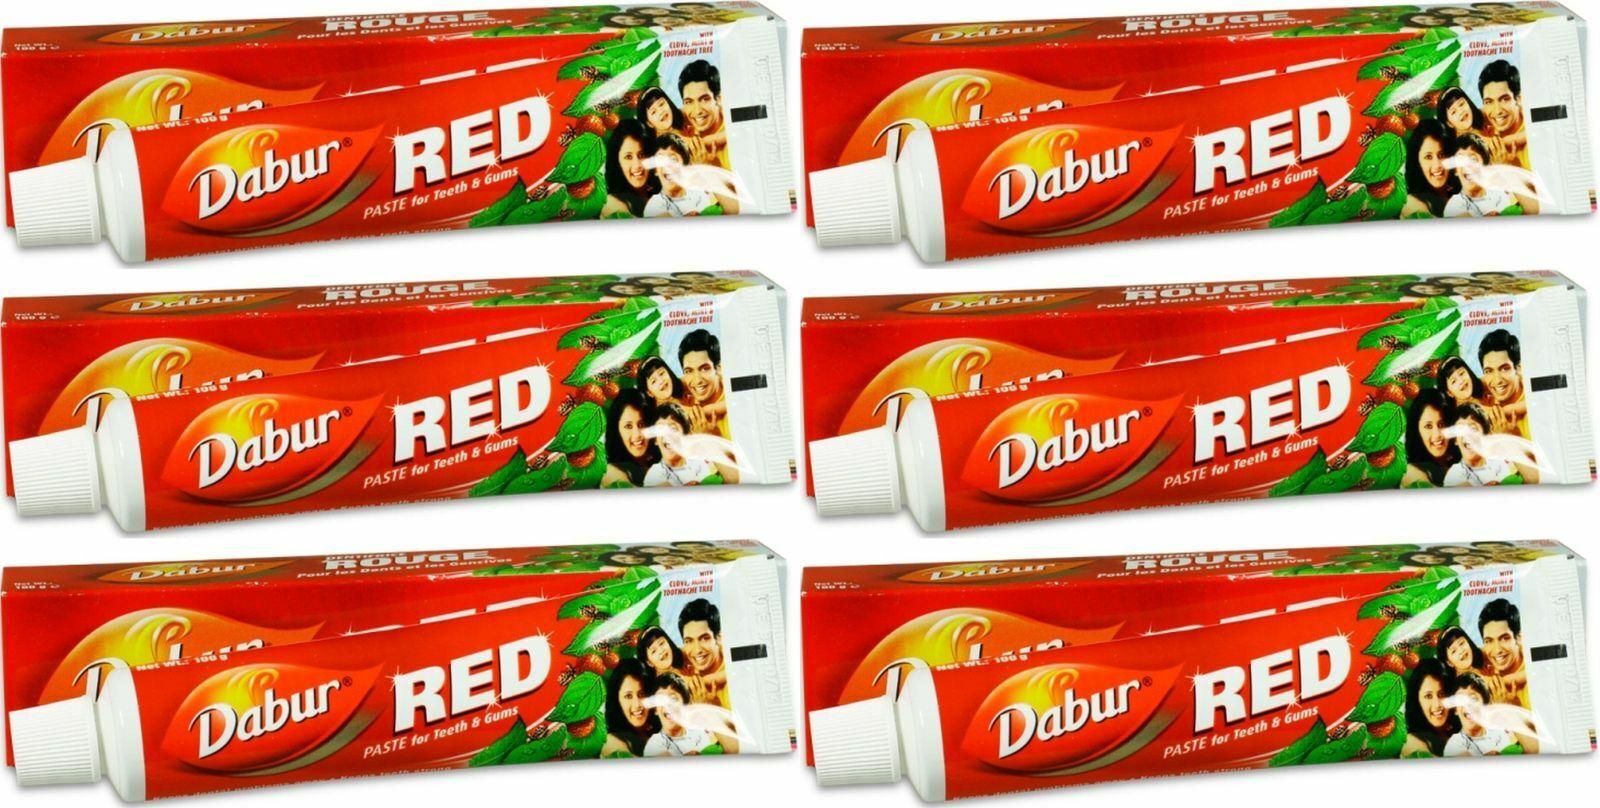 Dabur rote Zahnpasta Zahncreme Ayurvedische Kräuterextra Toothpast red Paste